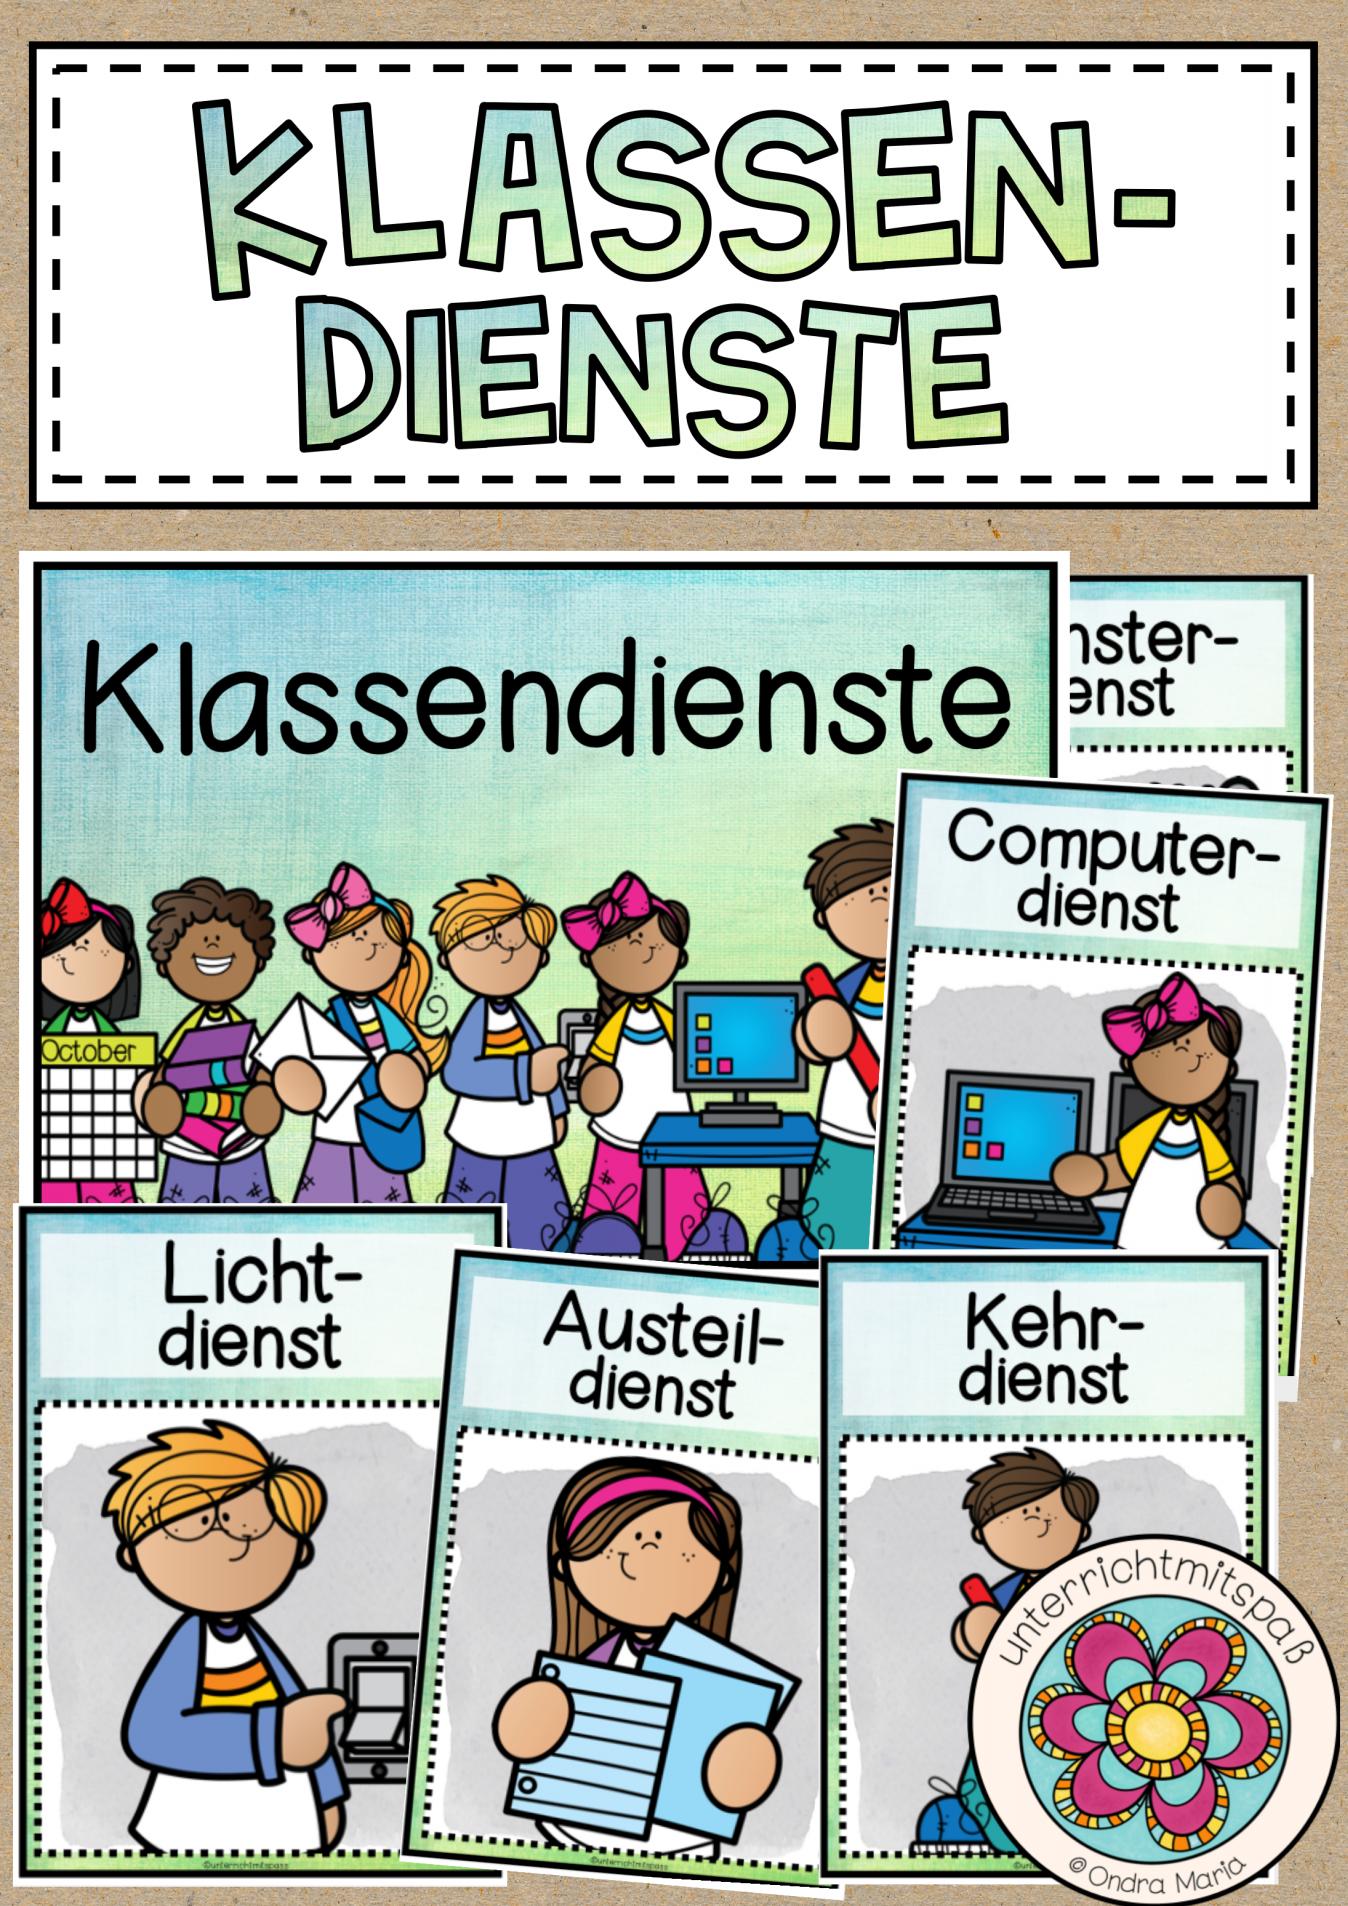 Klassendienste Vorlagen Fur Klassenregeln Grundschule Klassenraum Gestalten Einrichten In 2020 Klassenregeln Grundschule Klassenraum Erste Klasse